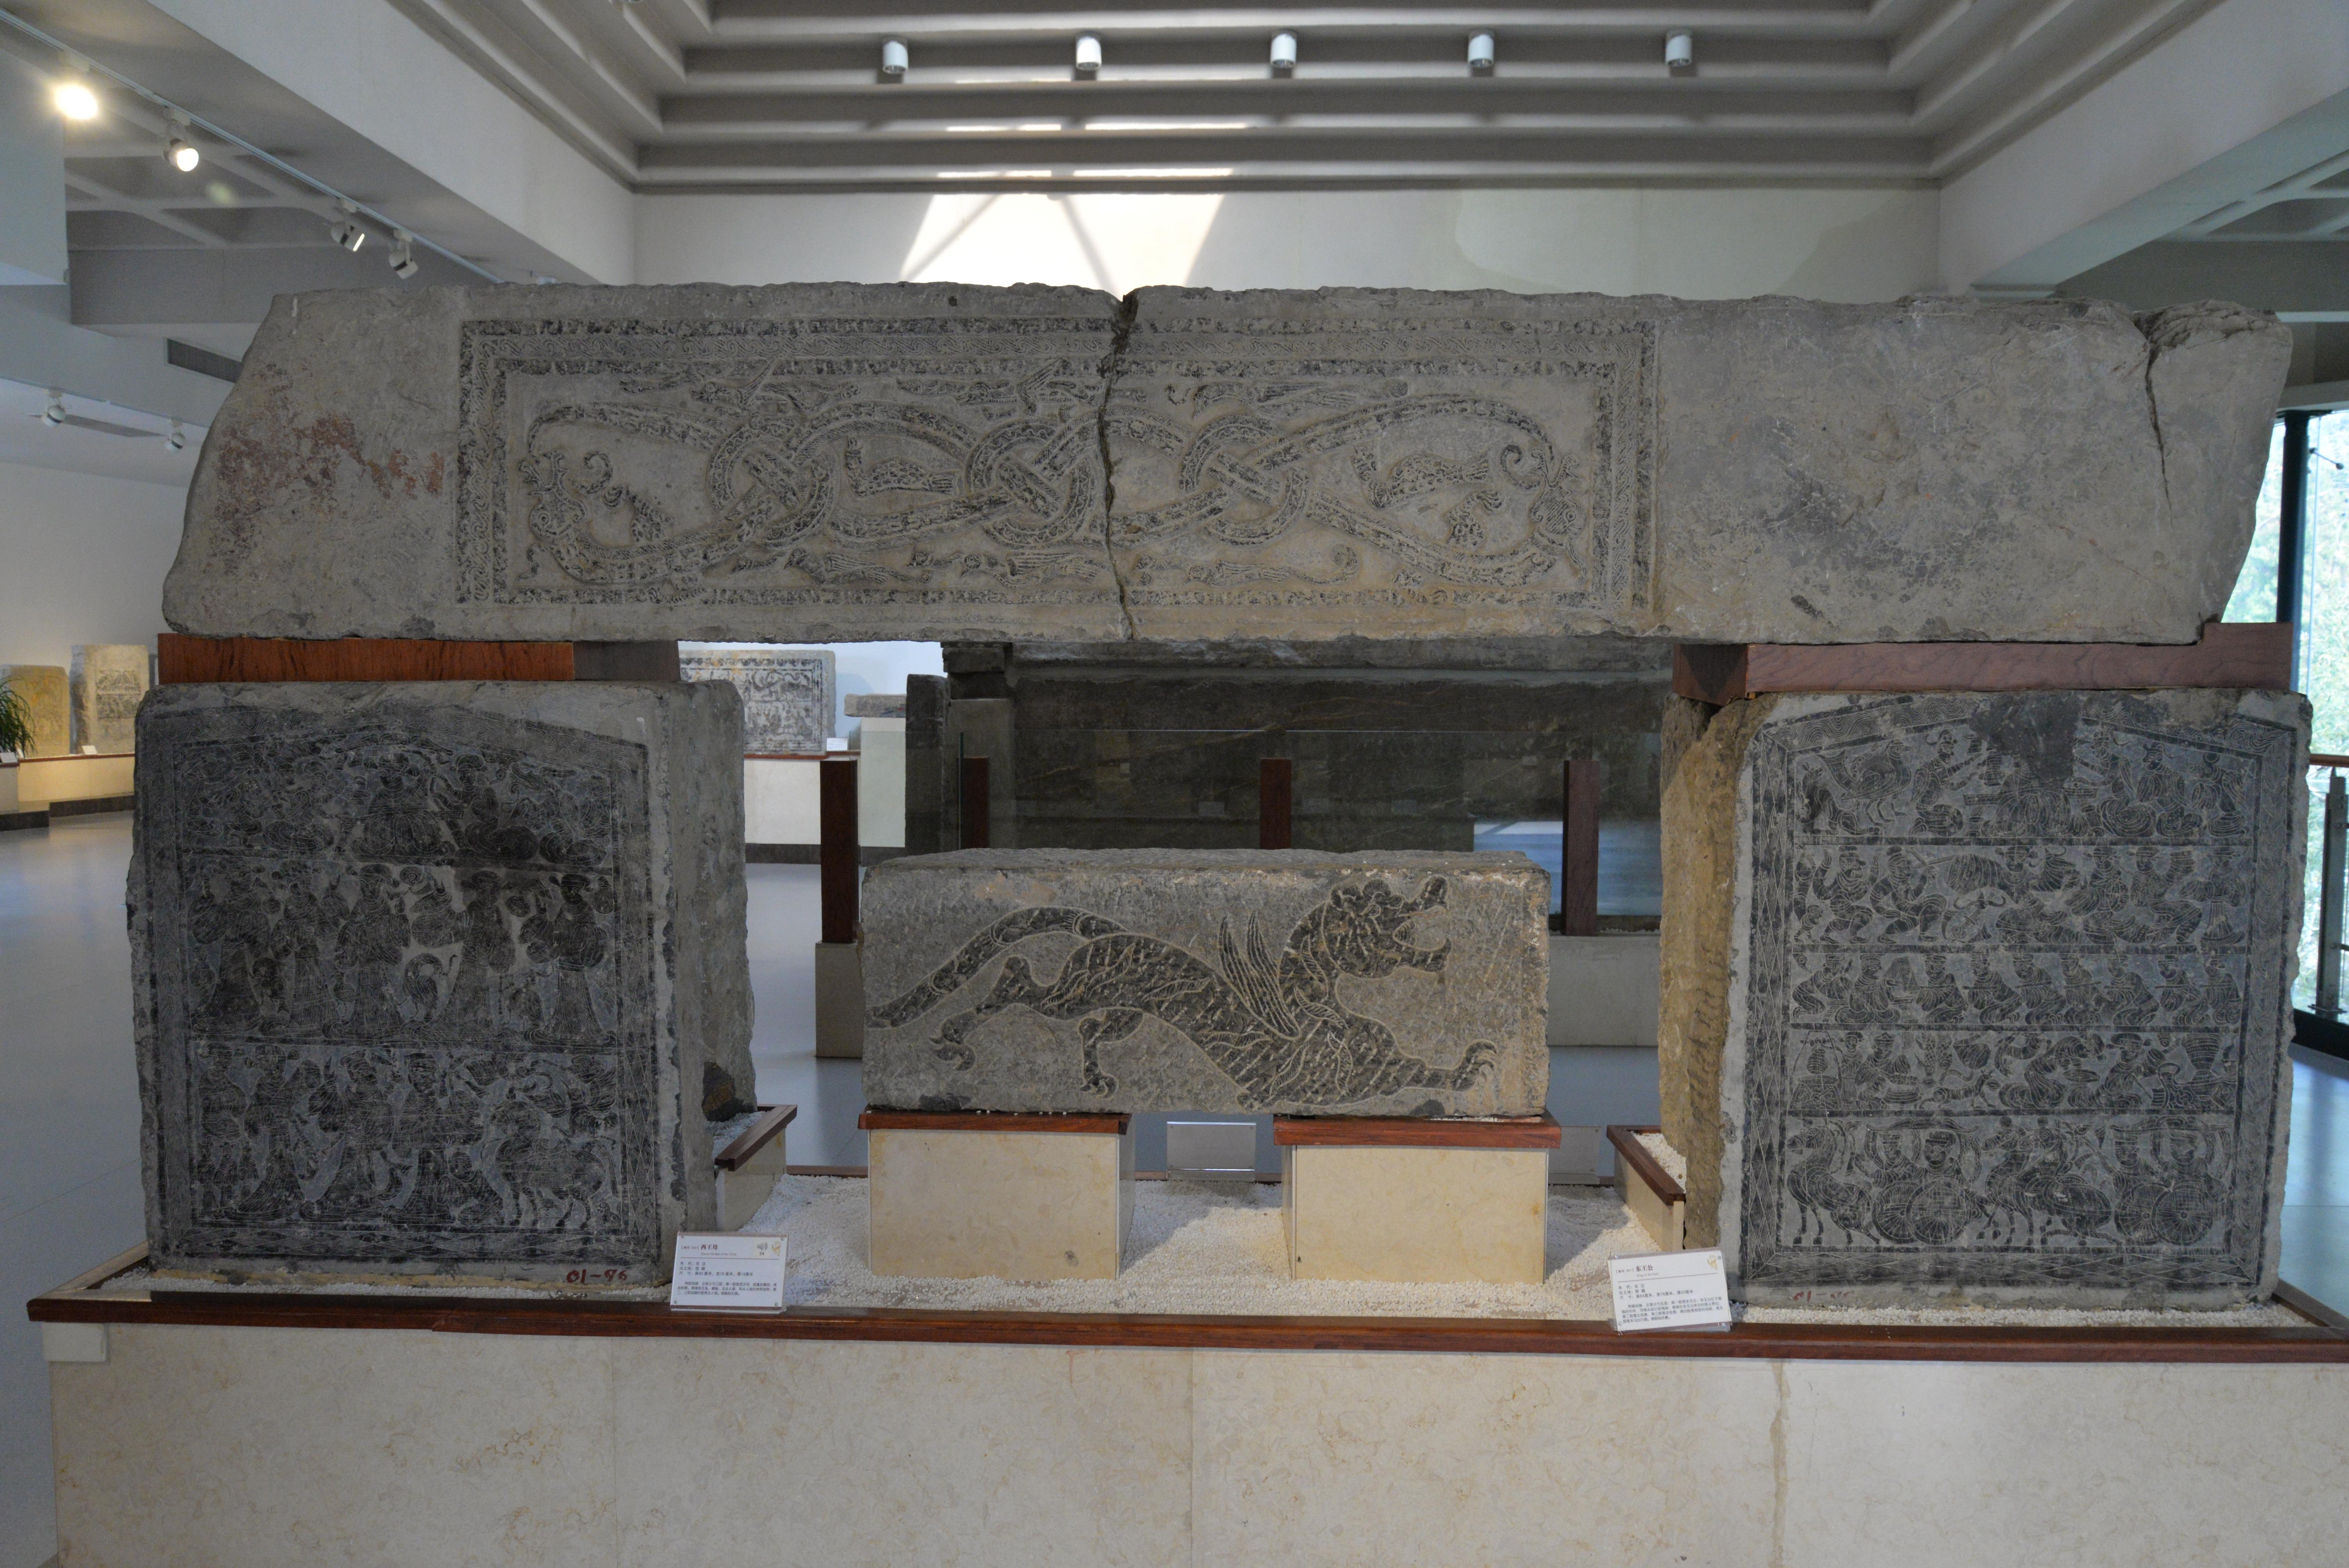 汉画像石艺术馆 (243).JPG